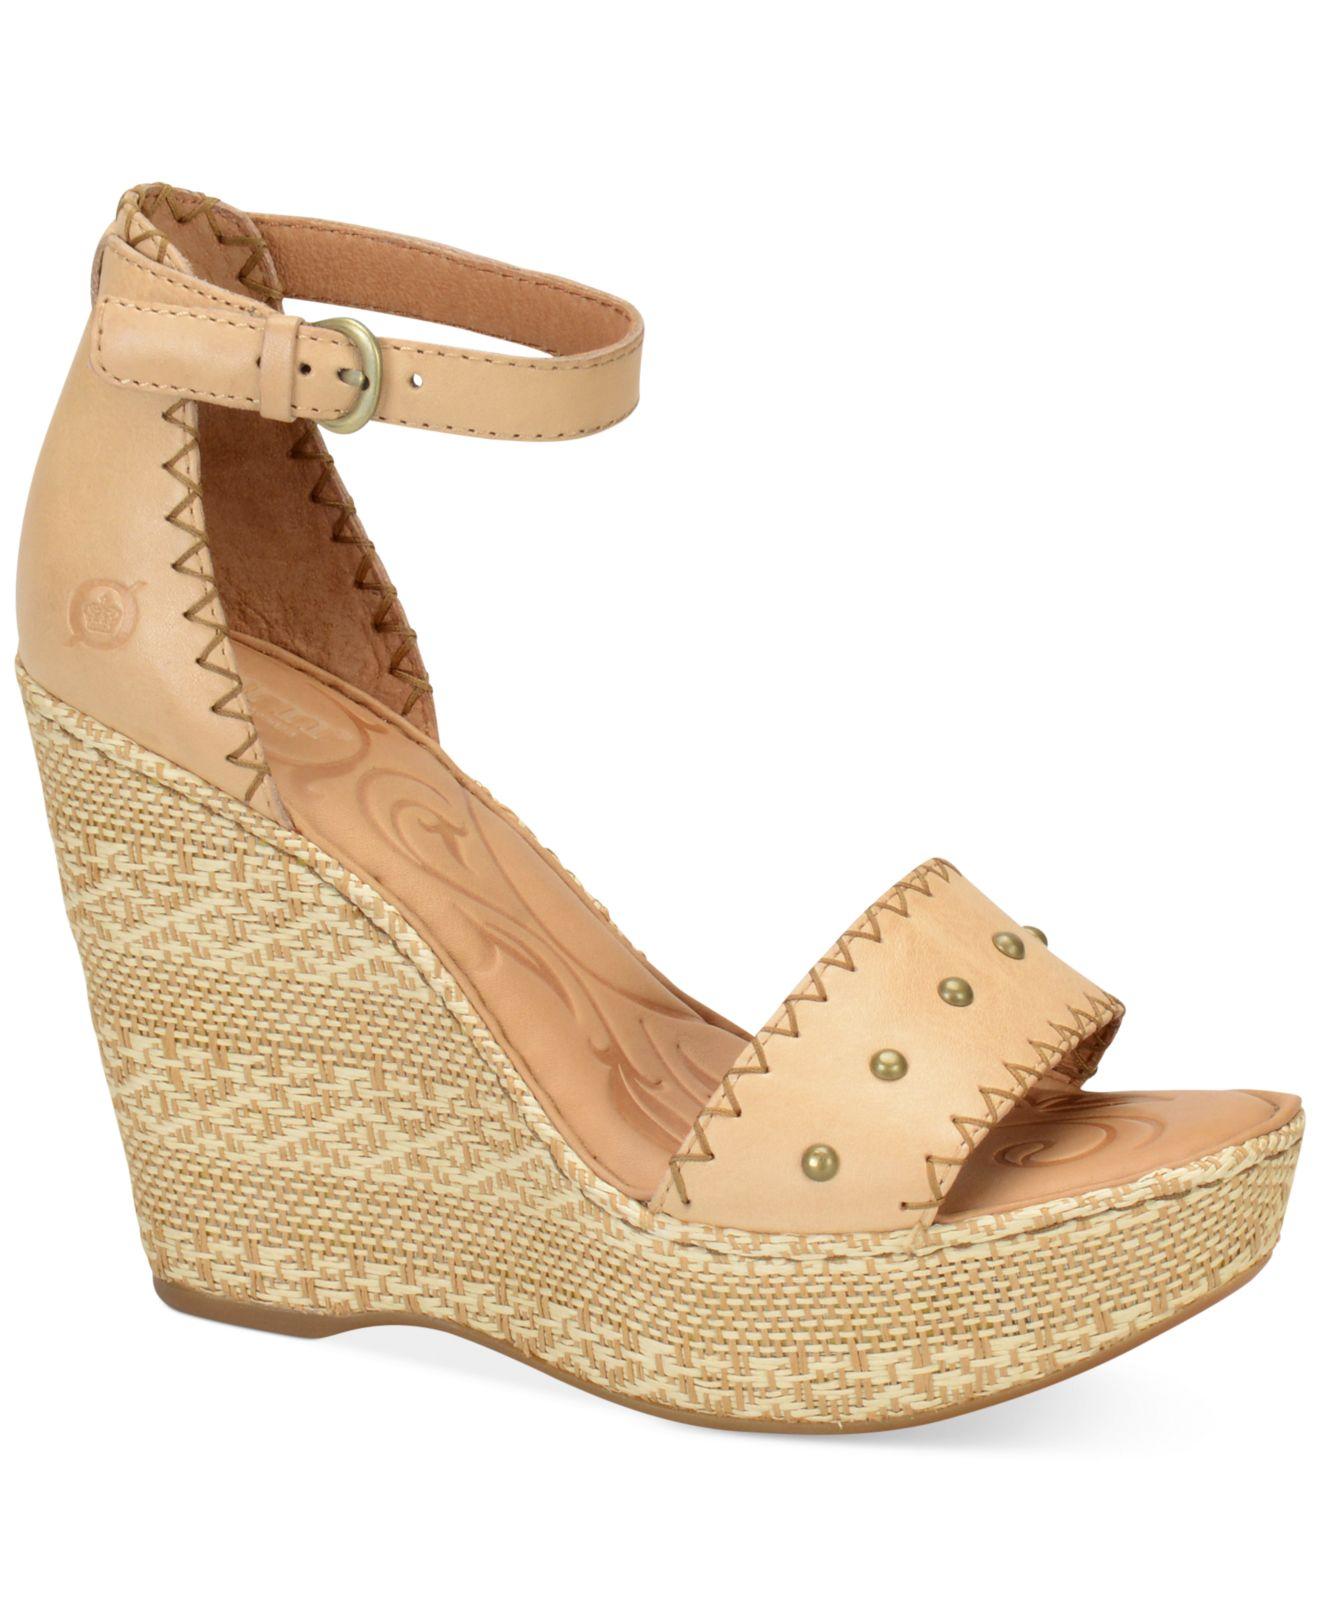 born valari platform wedge sandals in lyst